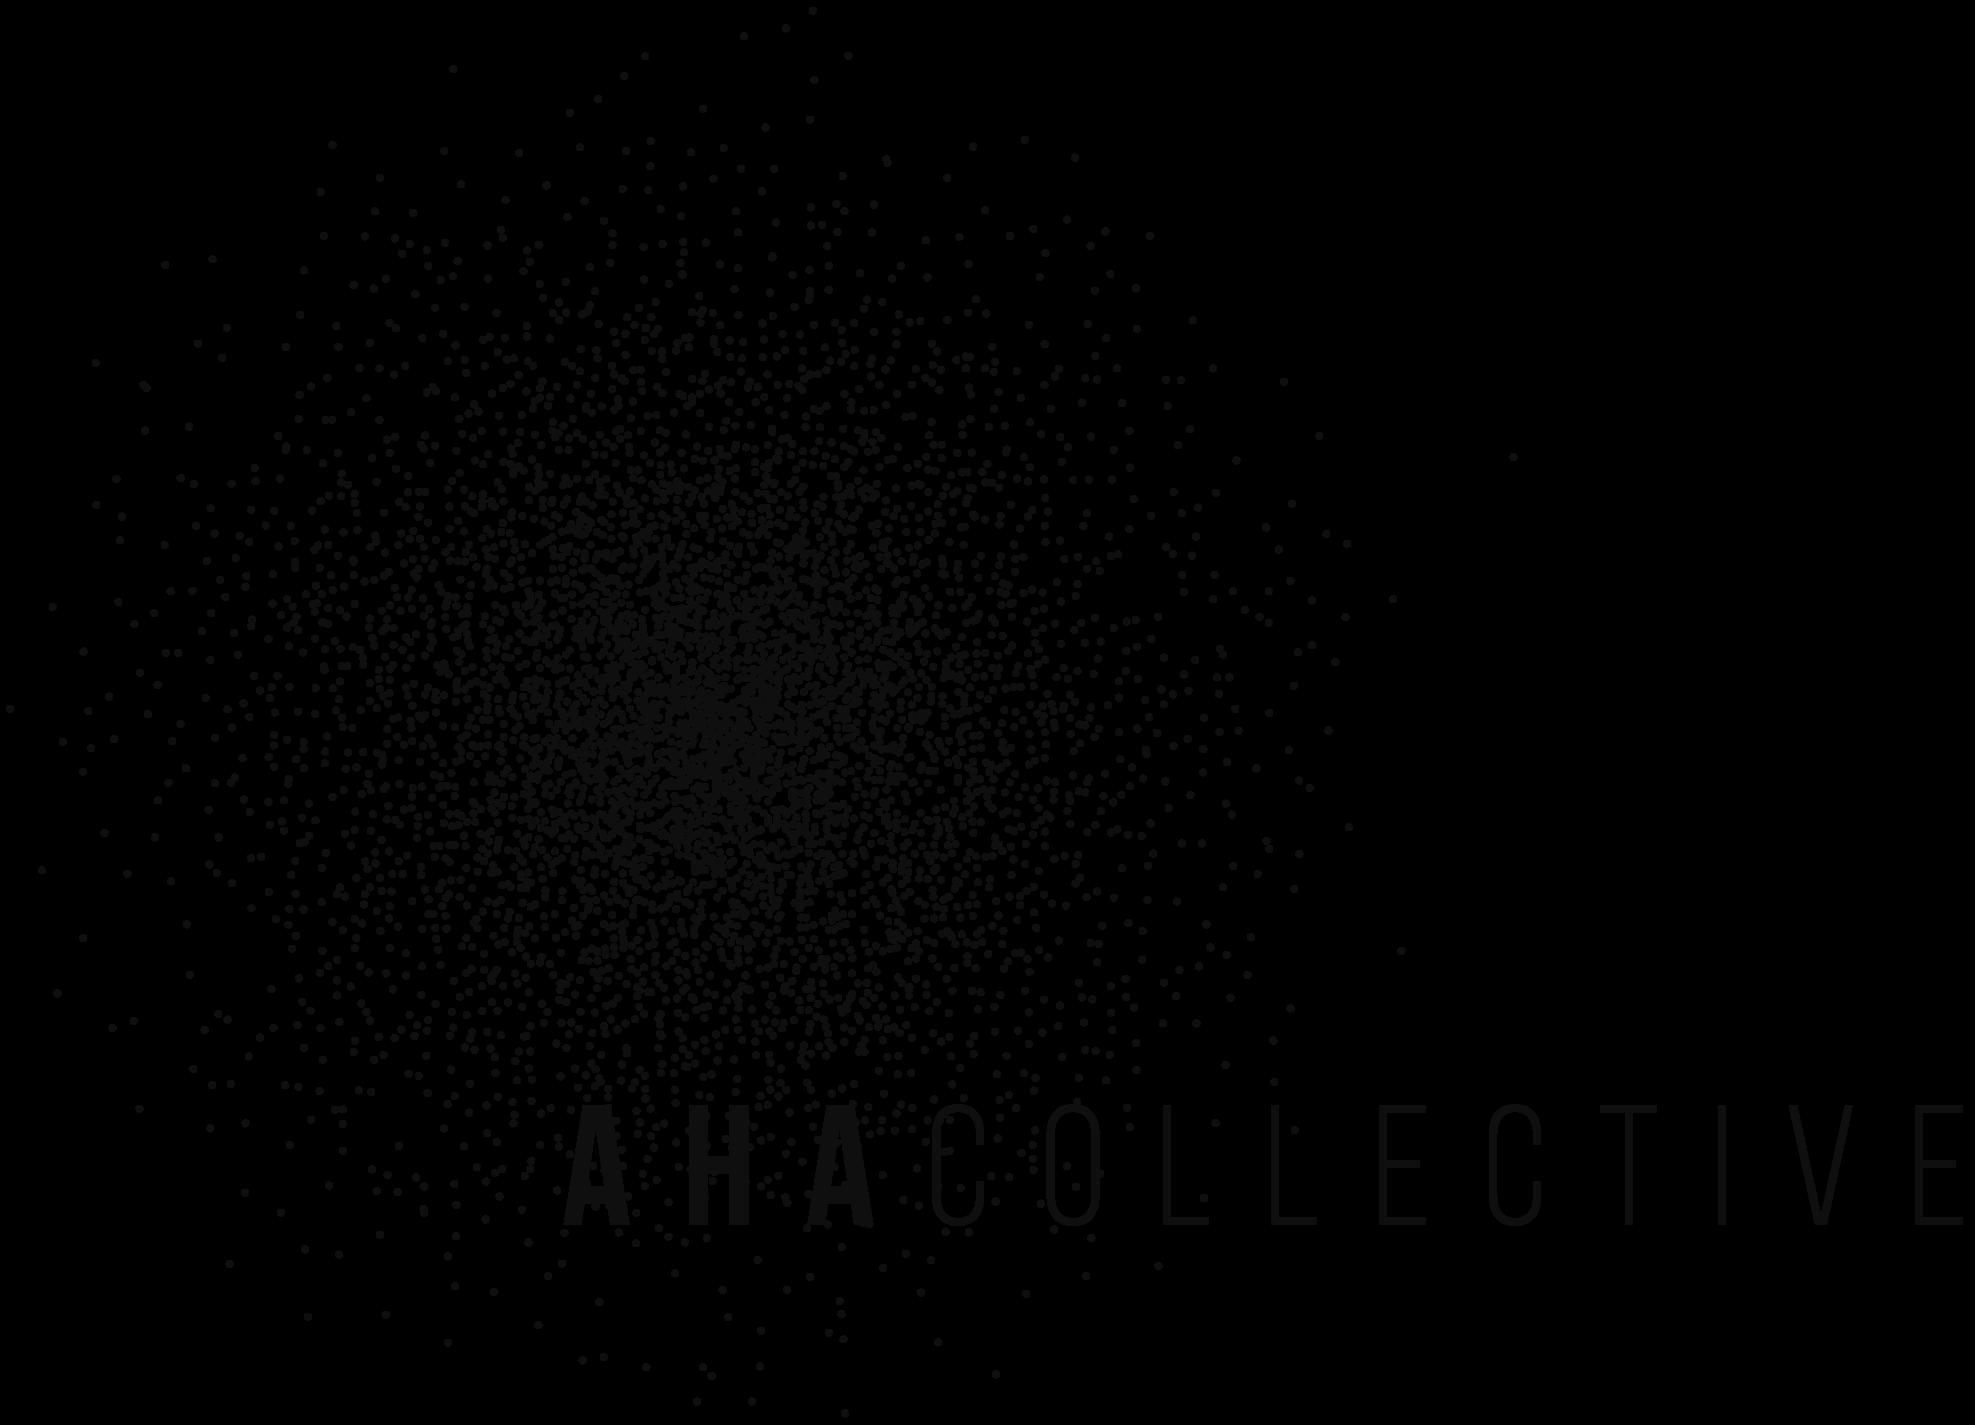 aha-logo-black.png